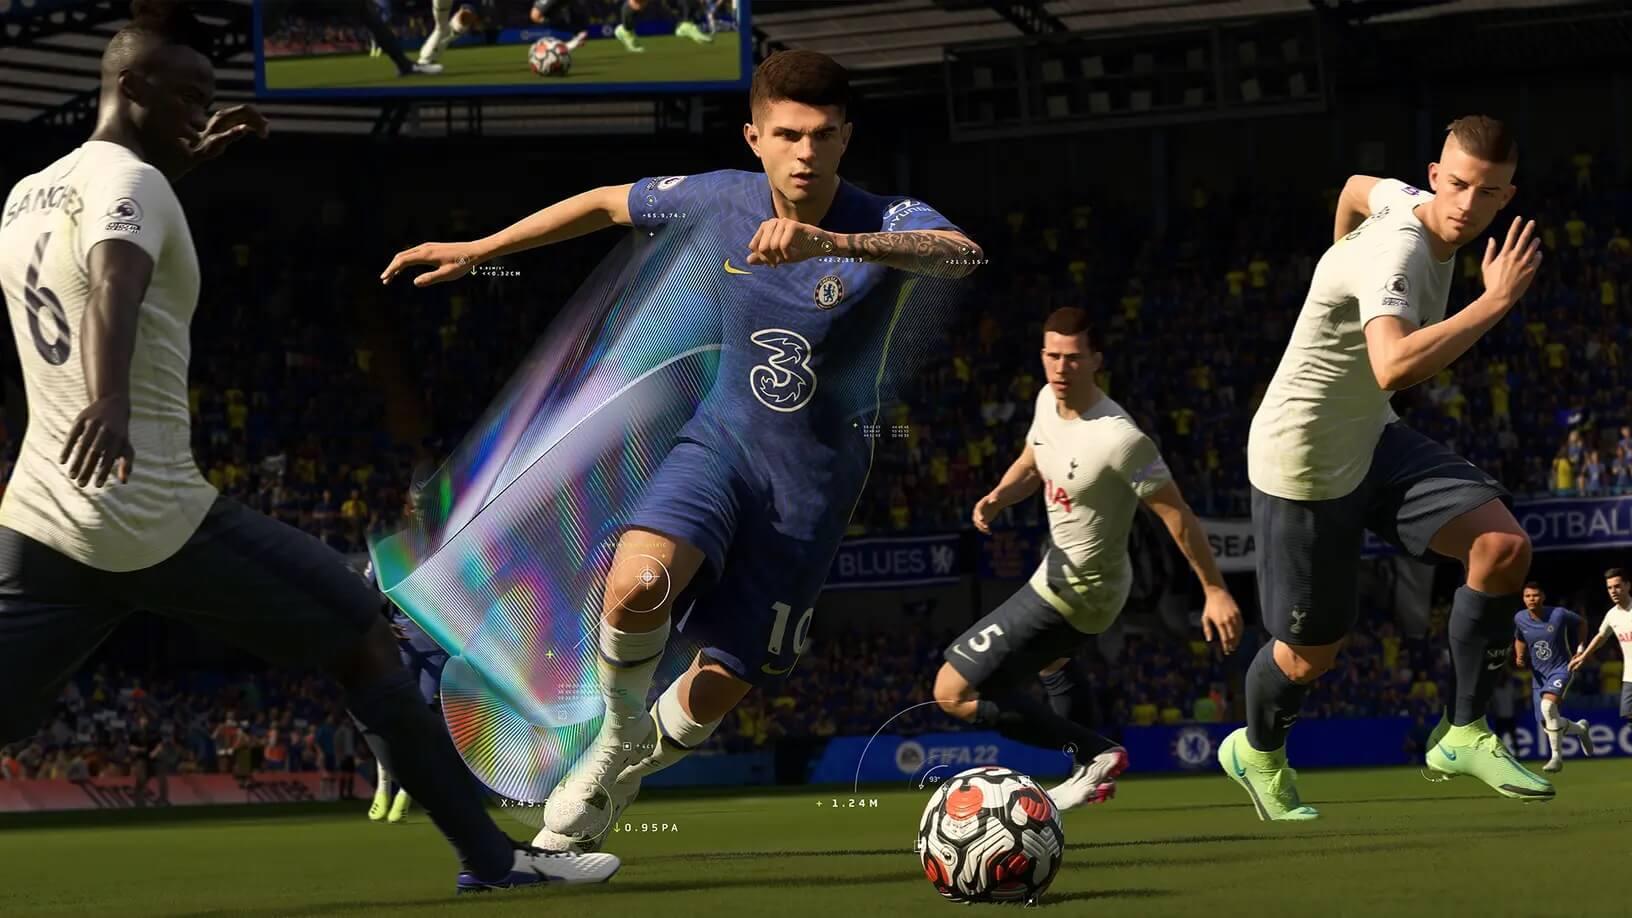 FIFA 22 desvela su primer TOTW con Vinícius, Salah, Kimmich y más